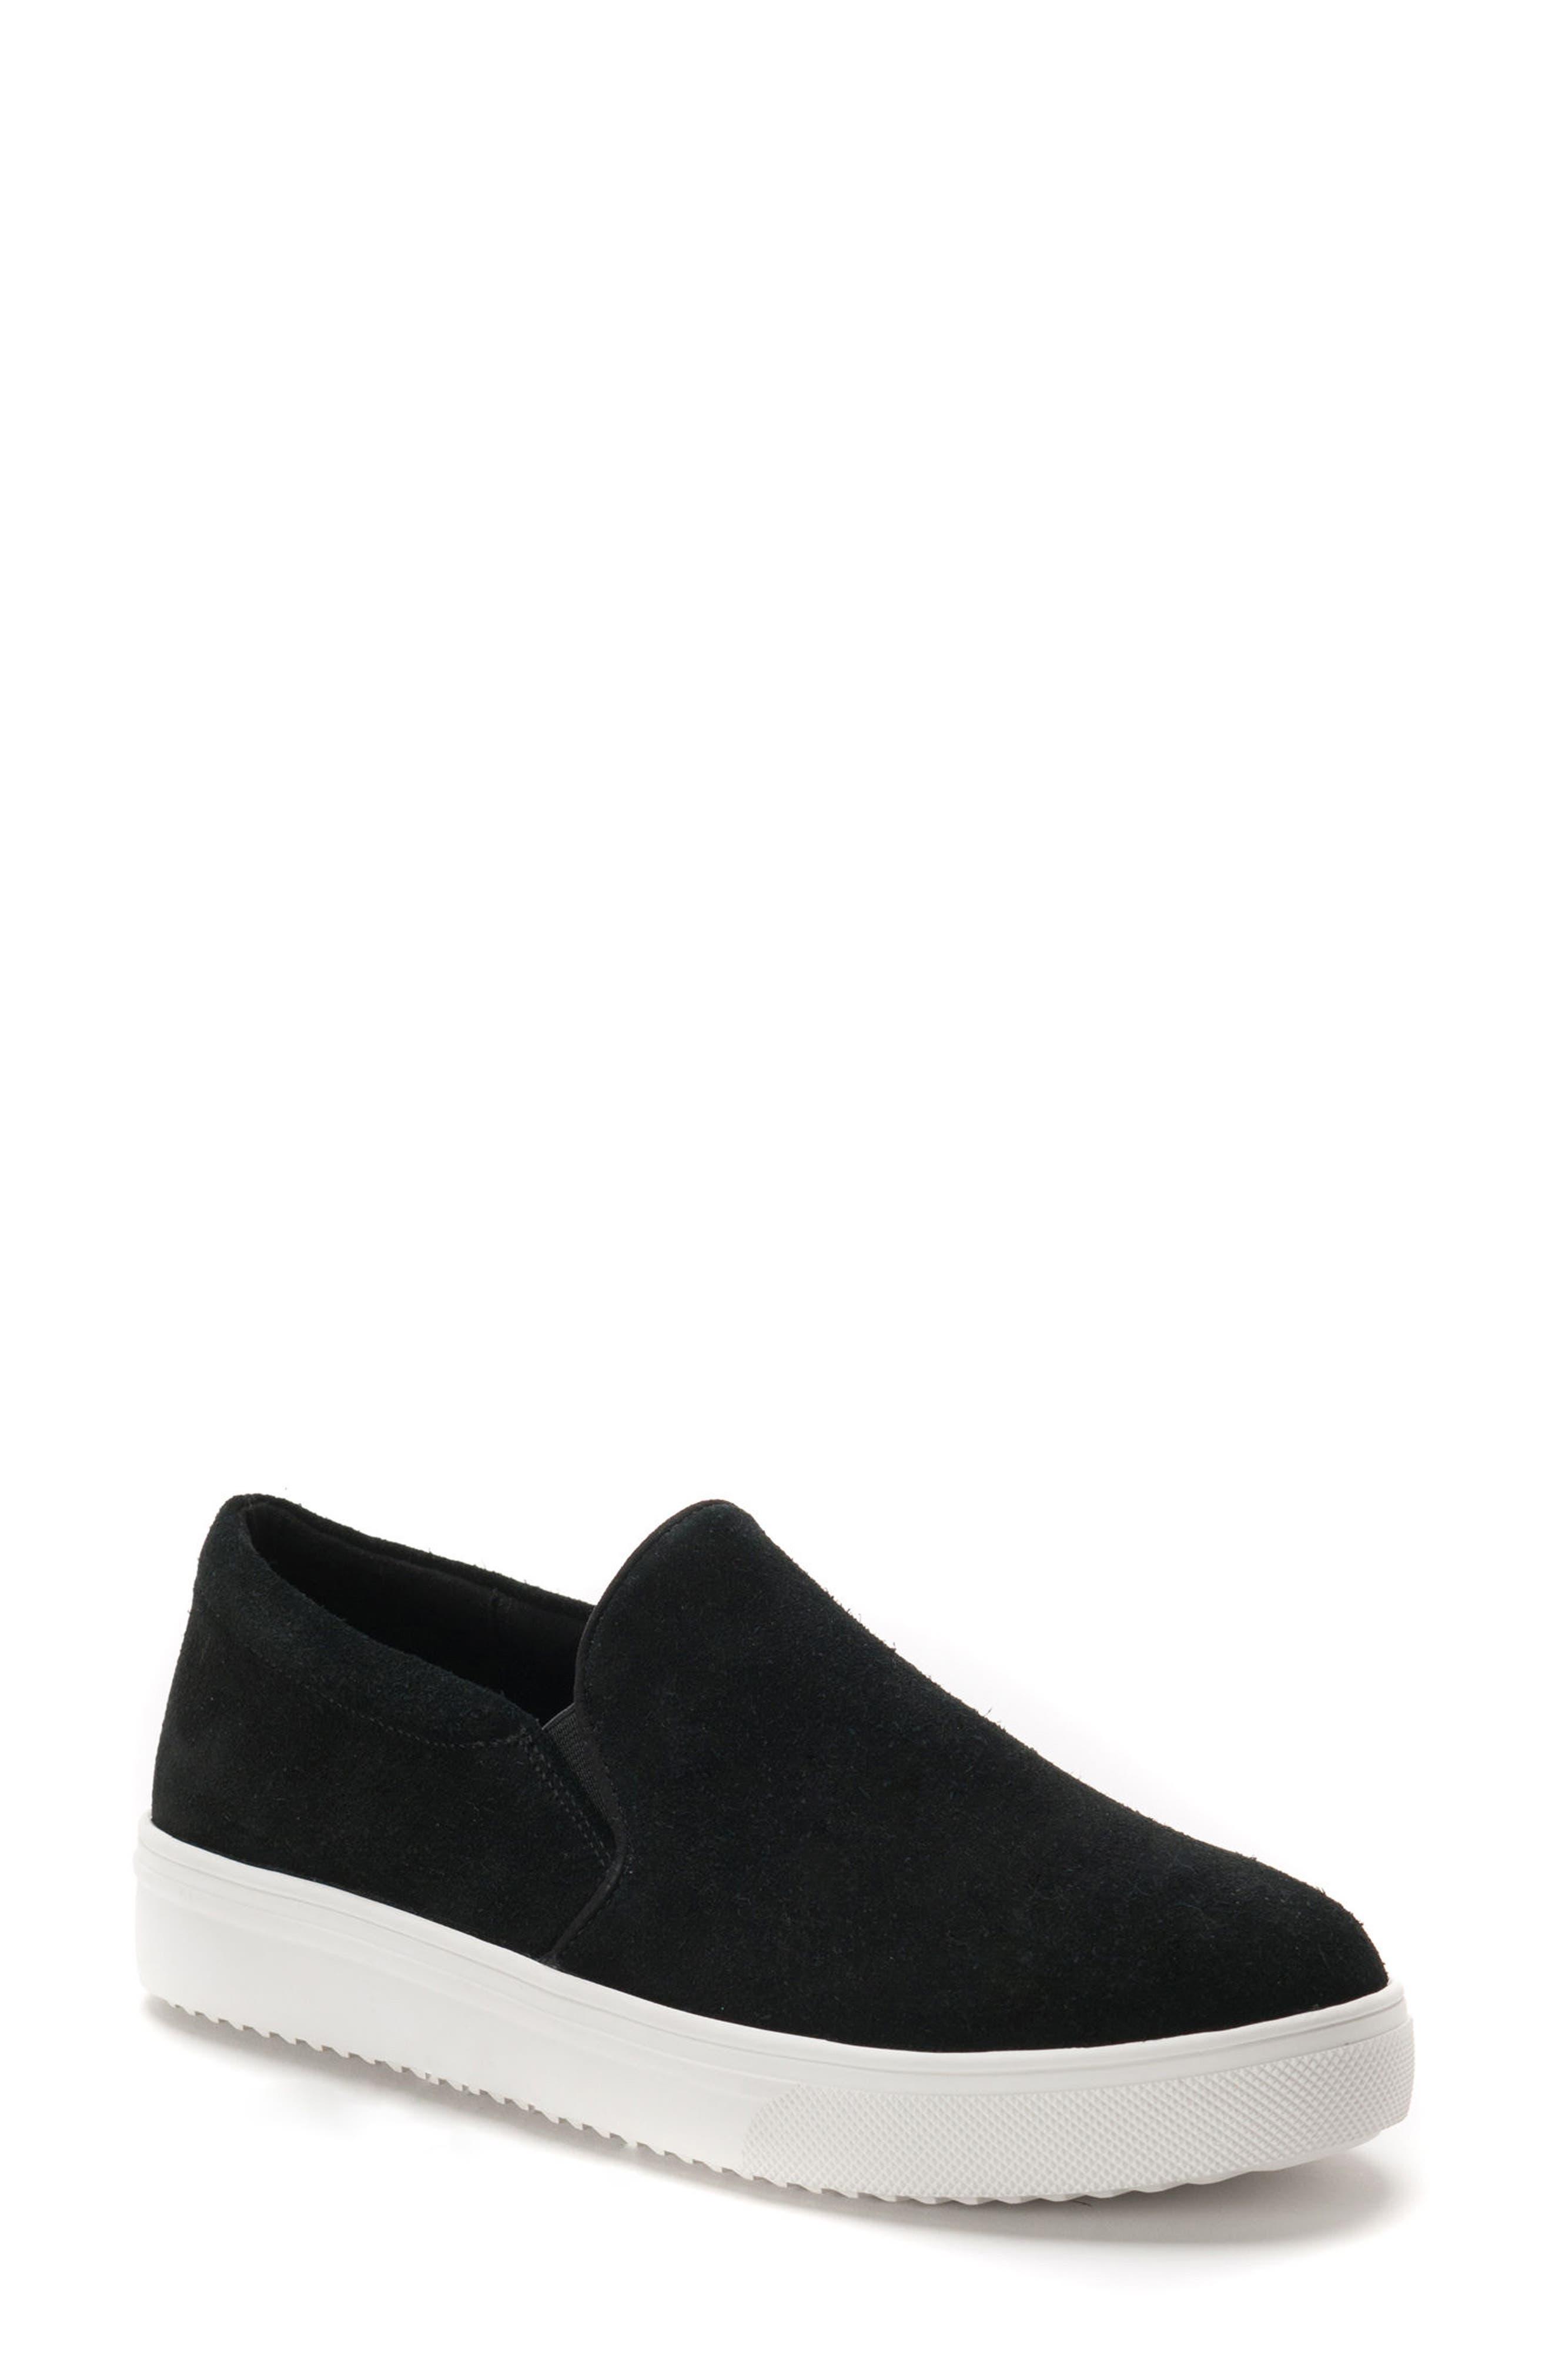 Gracie Waterproof Slip-On Sneaker,                         Main,                         color, BLACK SUEDE